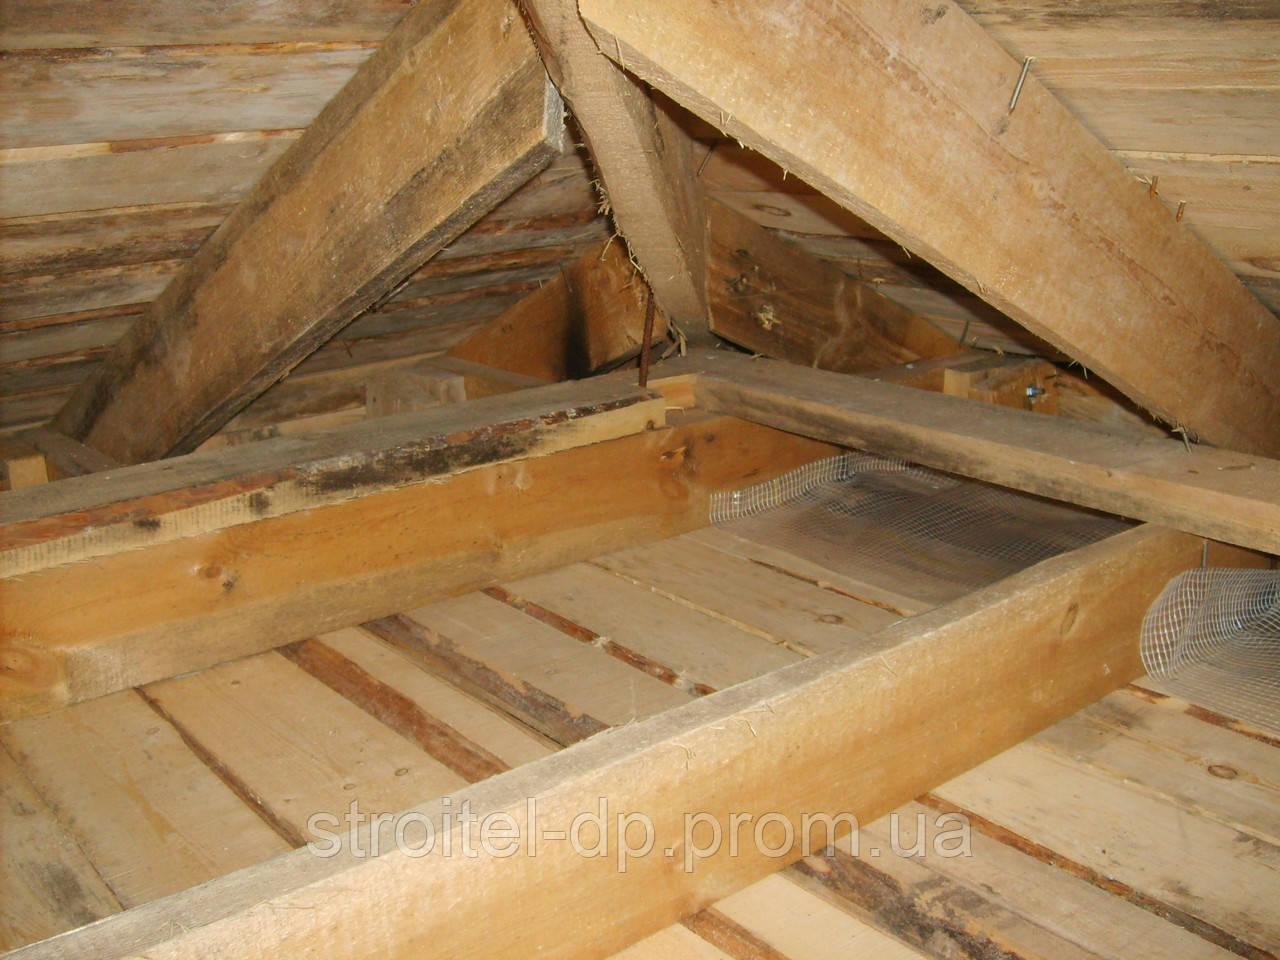 Опорные балки крыш зданий